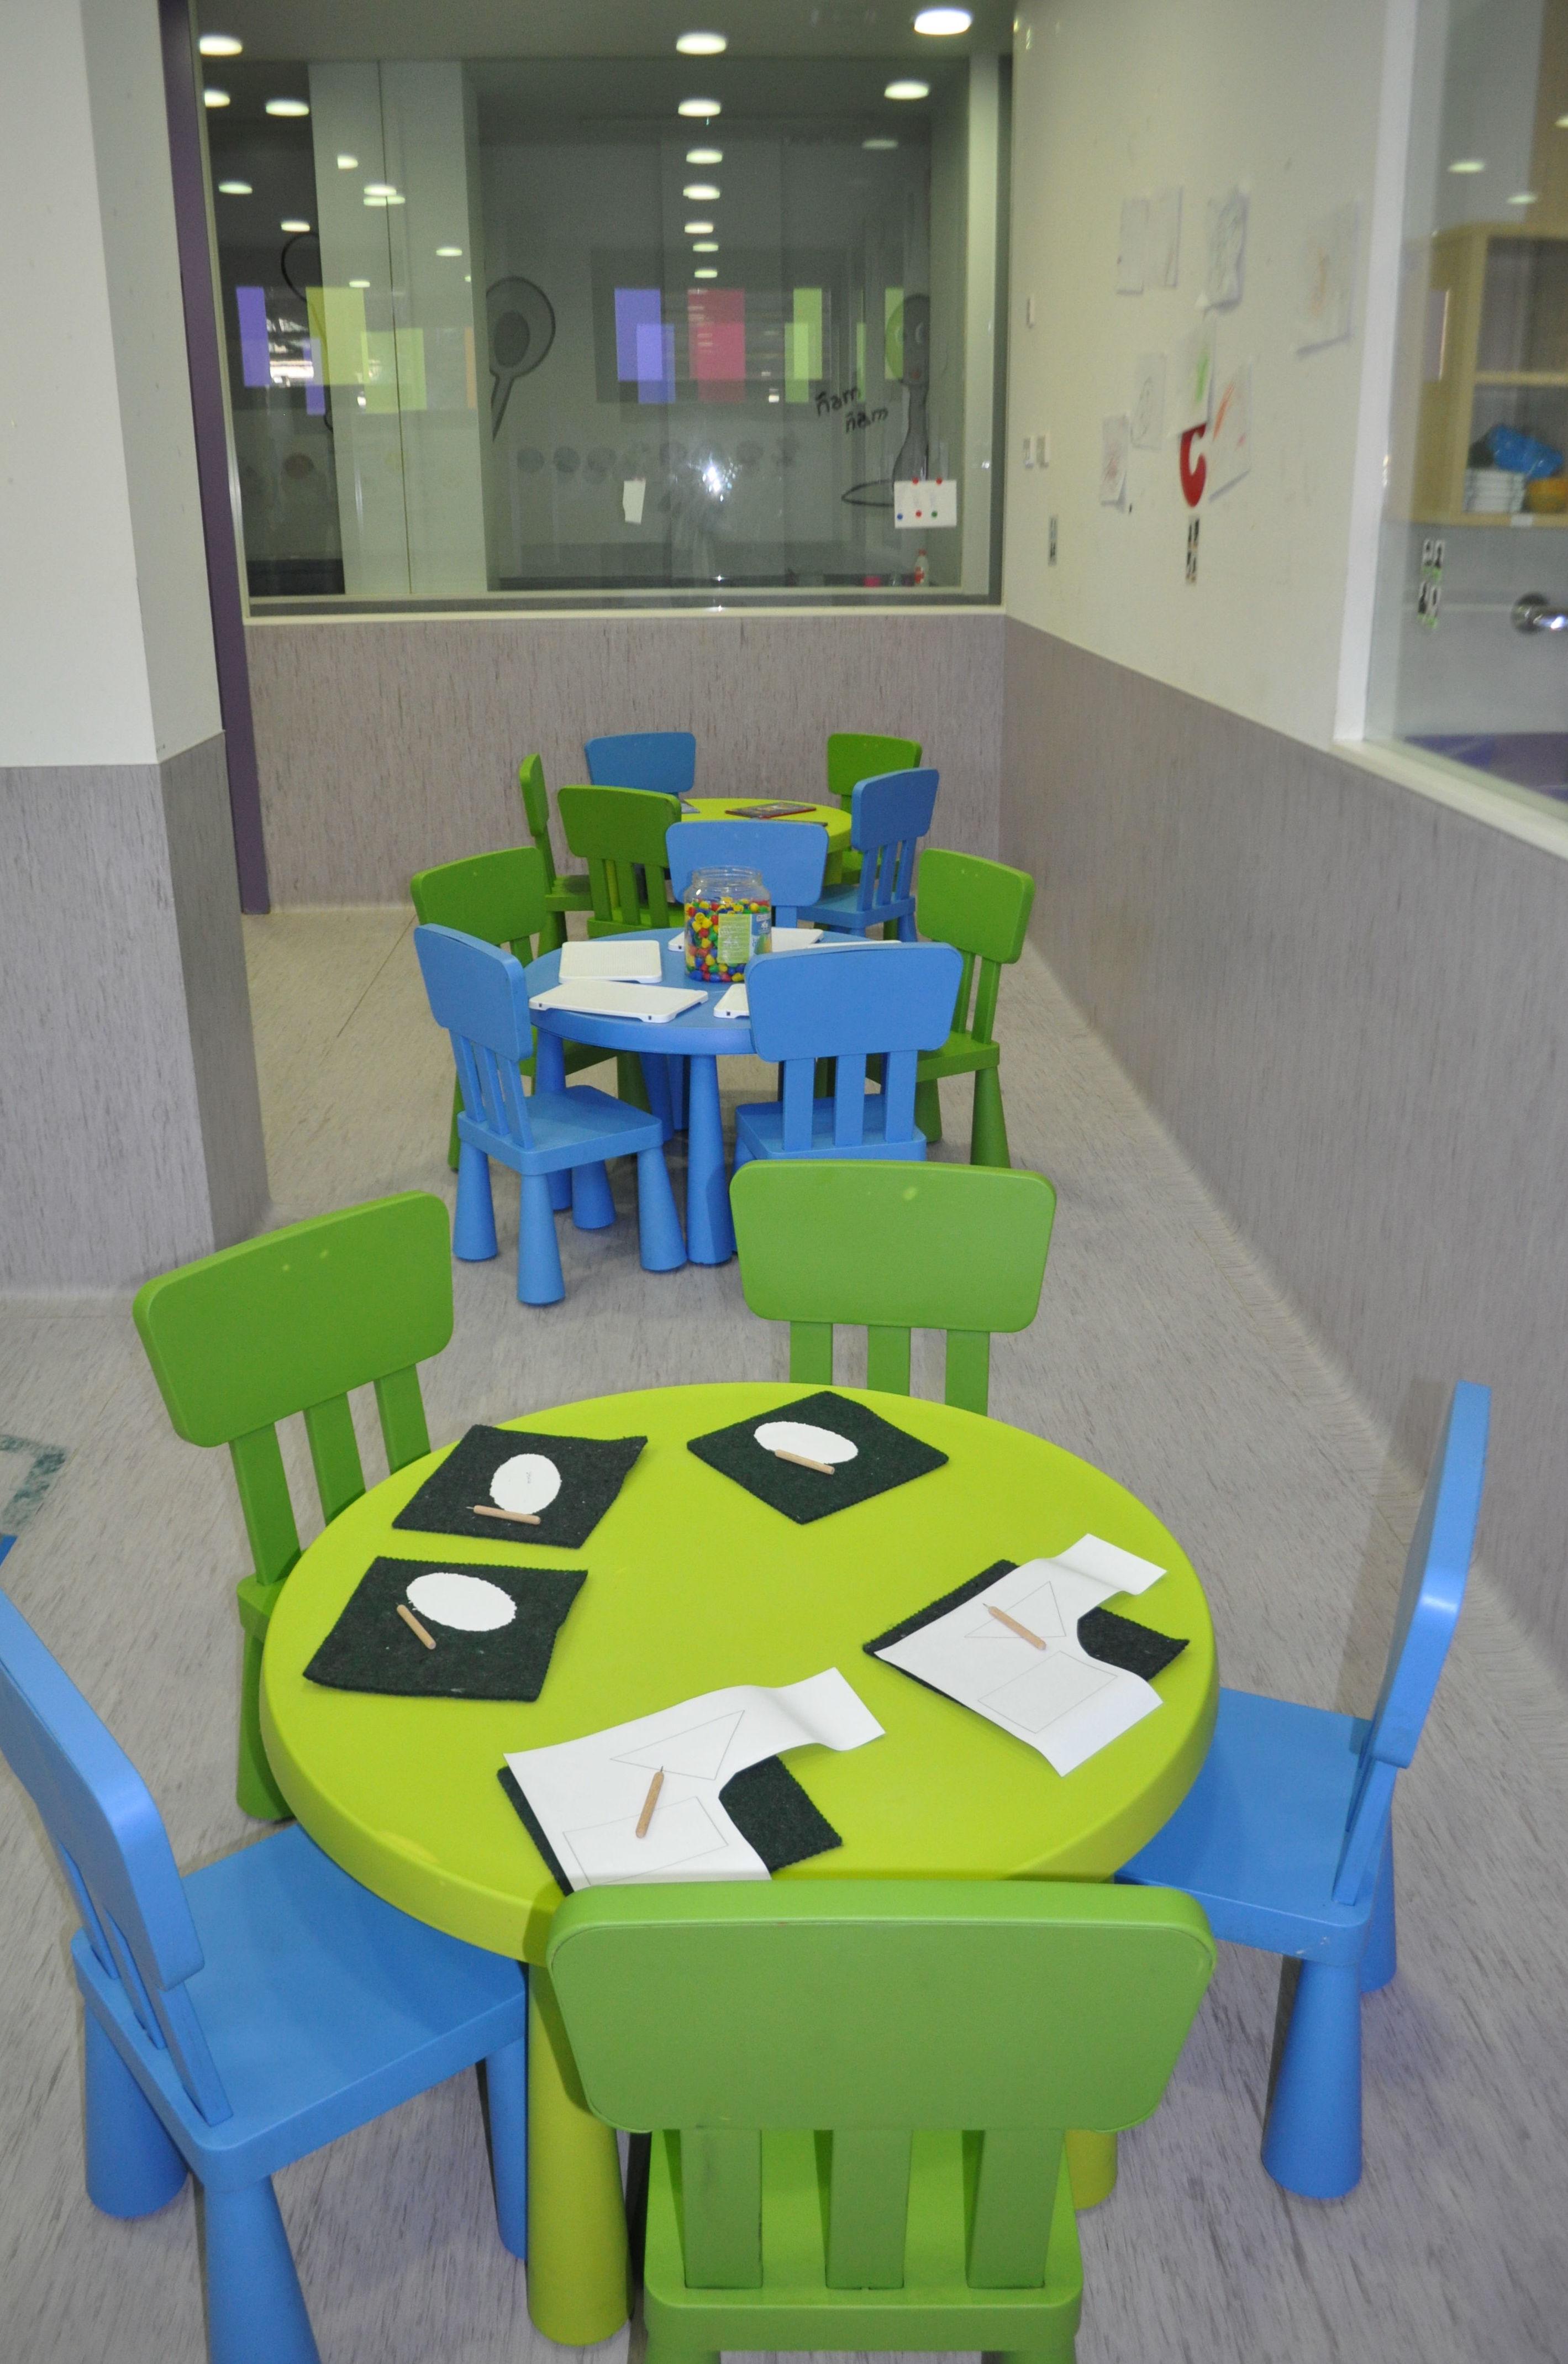 Foto 29 de Guarderías y Escuelas infantiles en Pamplona | Baby School